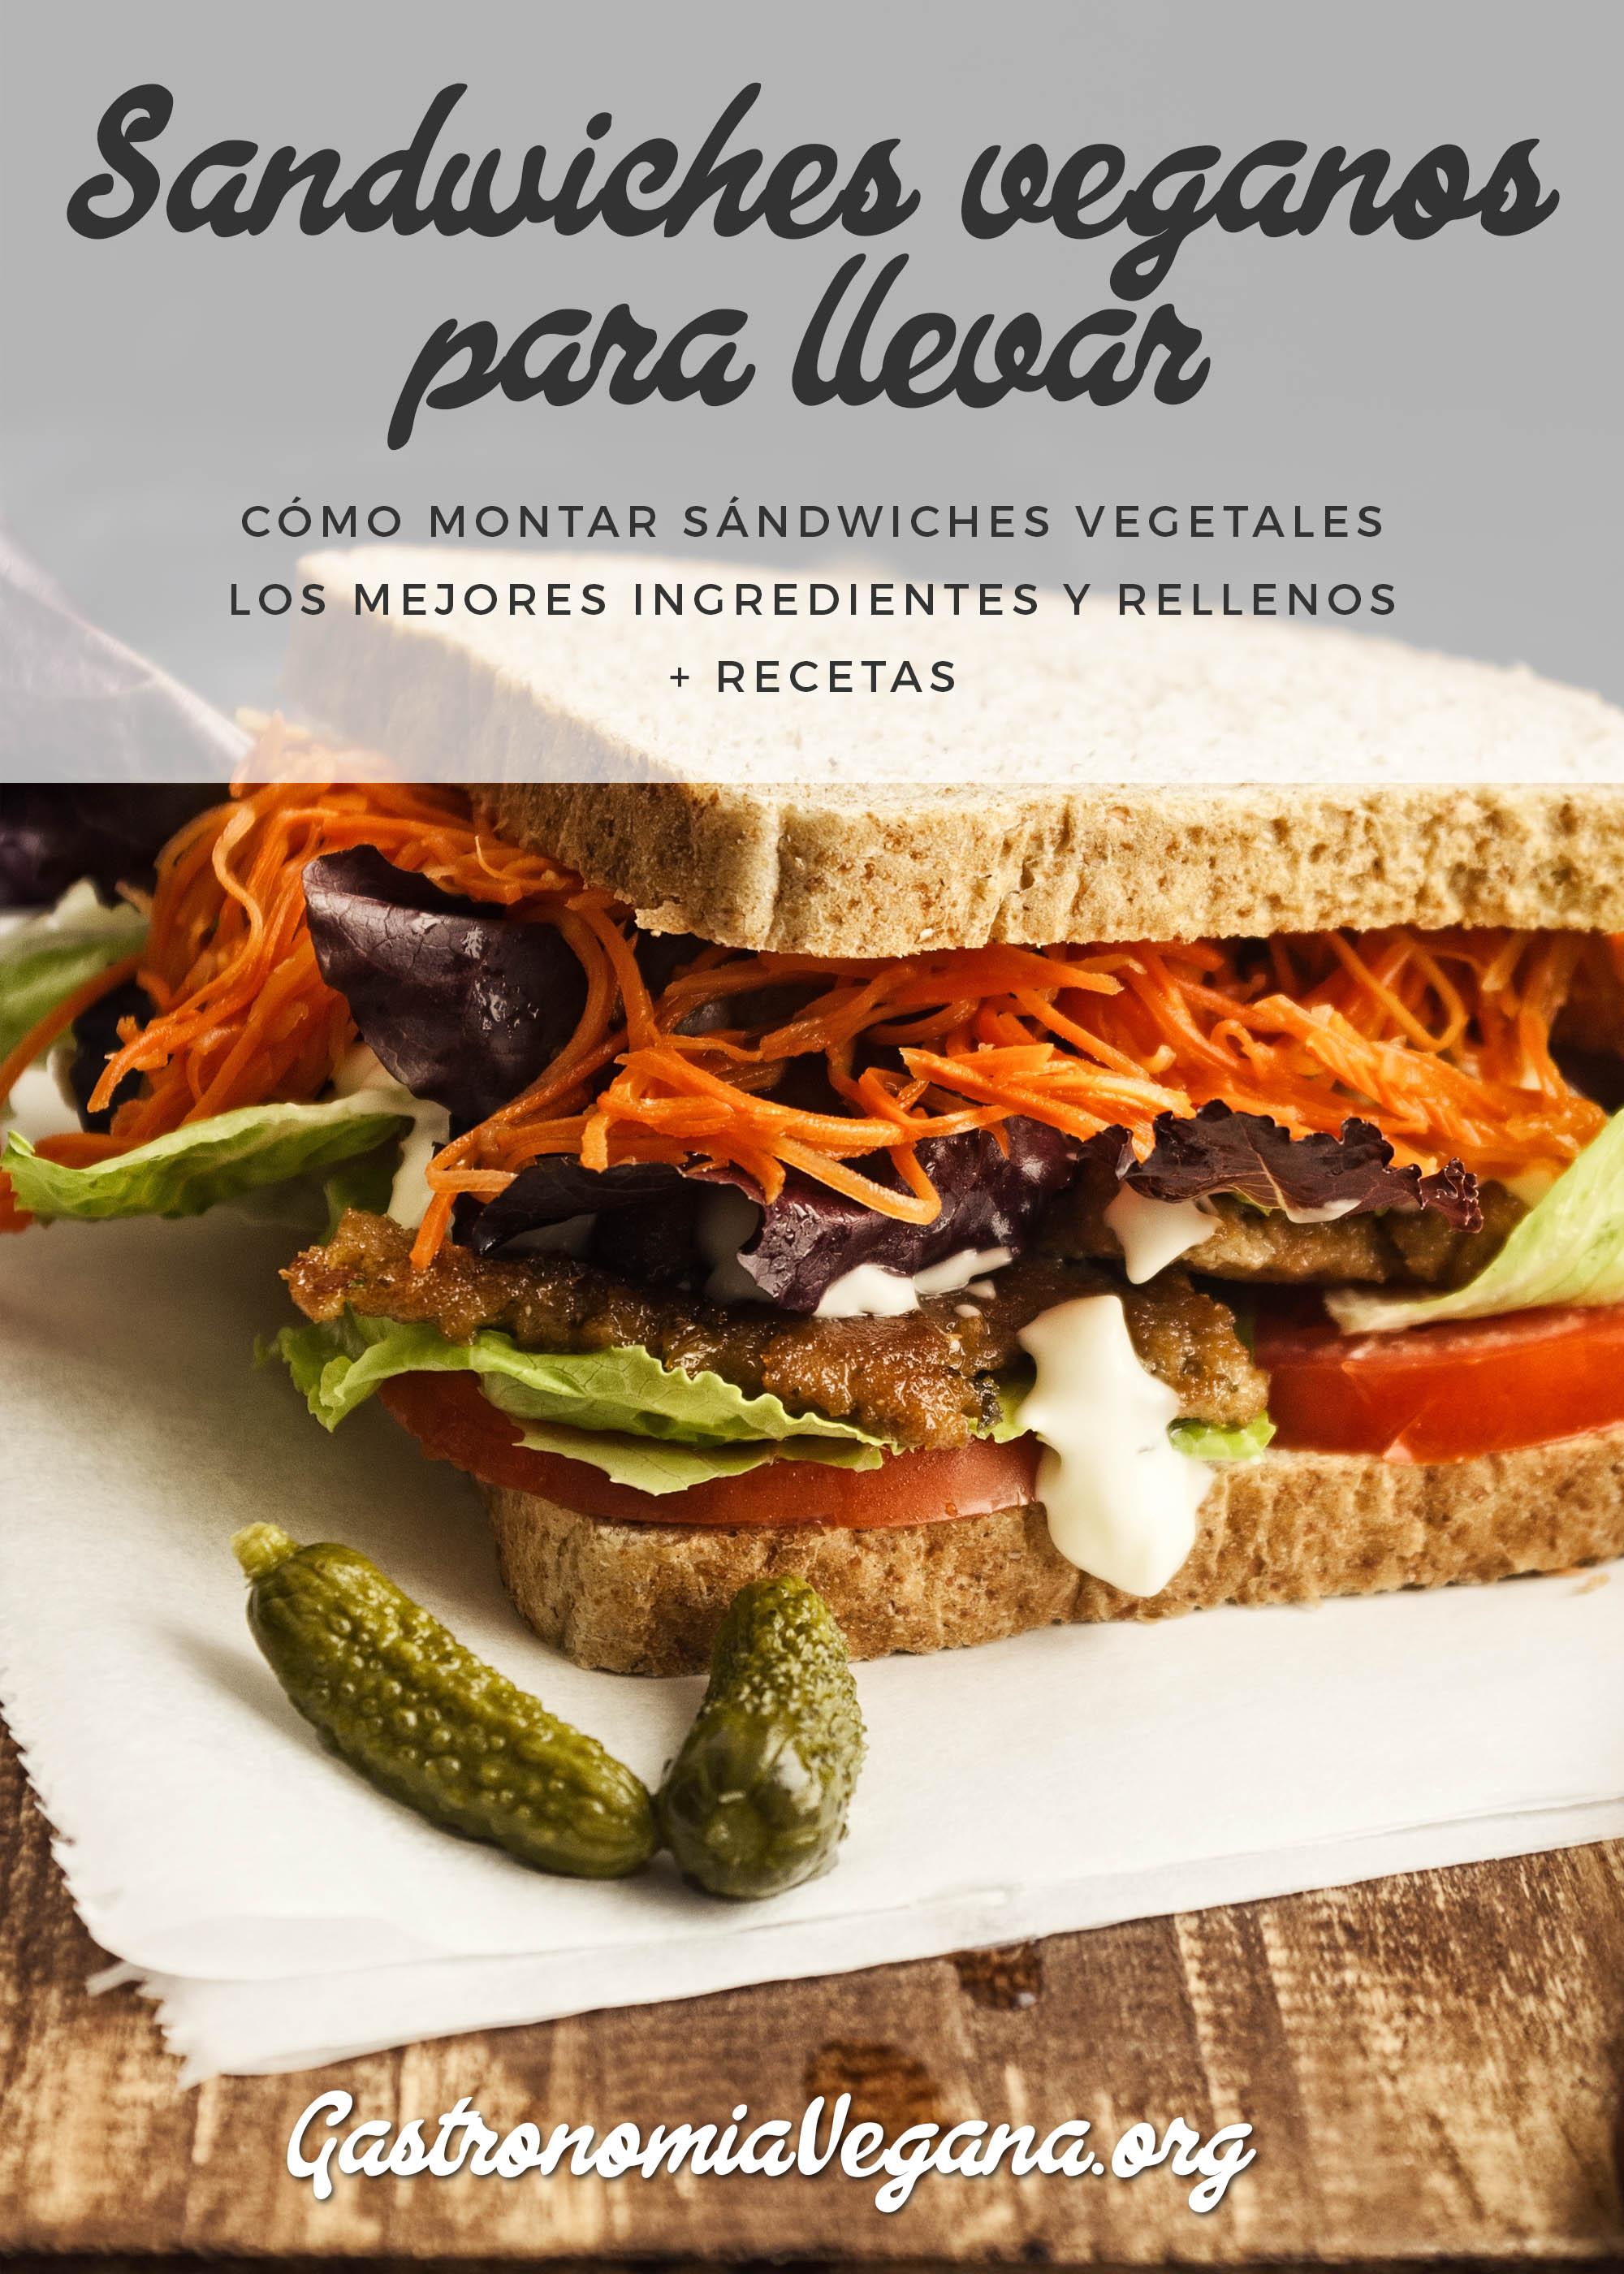 Sándwiches veganos para llevar: ingredientes y recetas - Gastronomía vegana